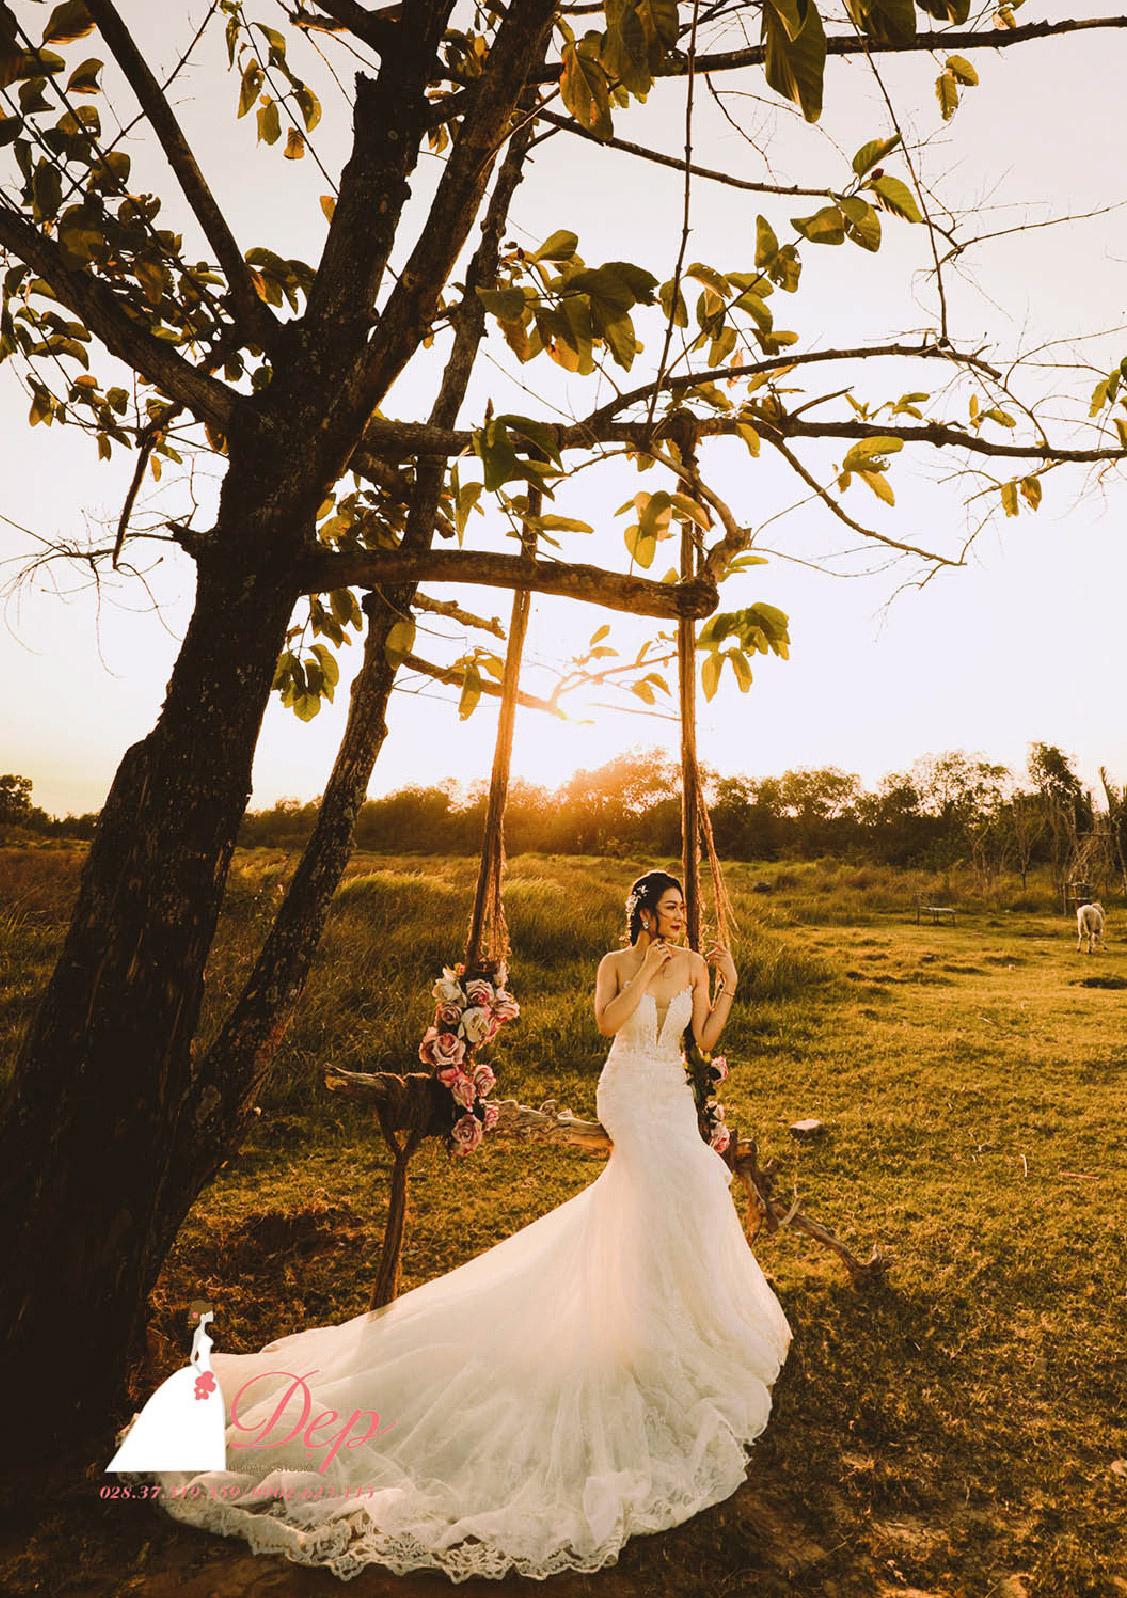 Xếp hạng 5 Studio chụp ảnh cưới phong cách Hàn Quốc đẹp nhất quận 6, TP. HCM -  Đẹp Bridal & Studio